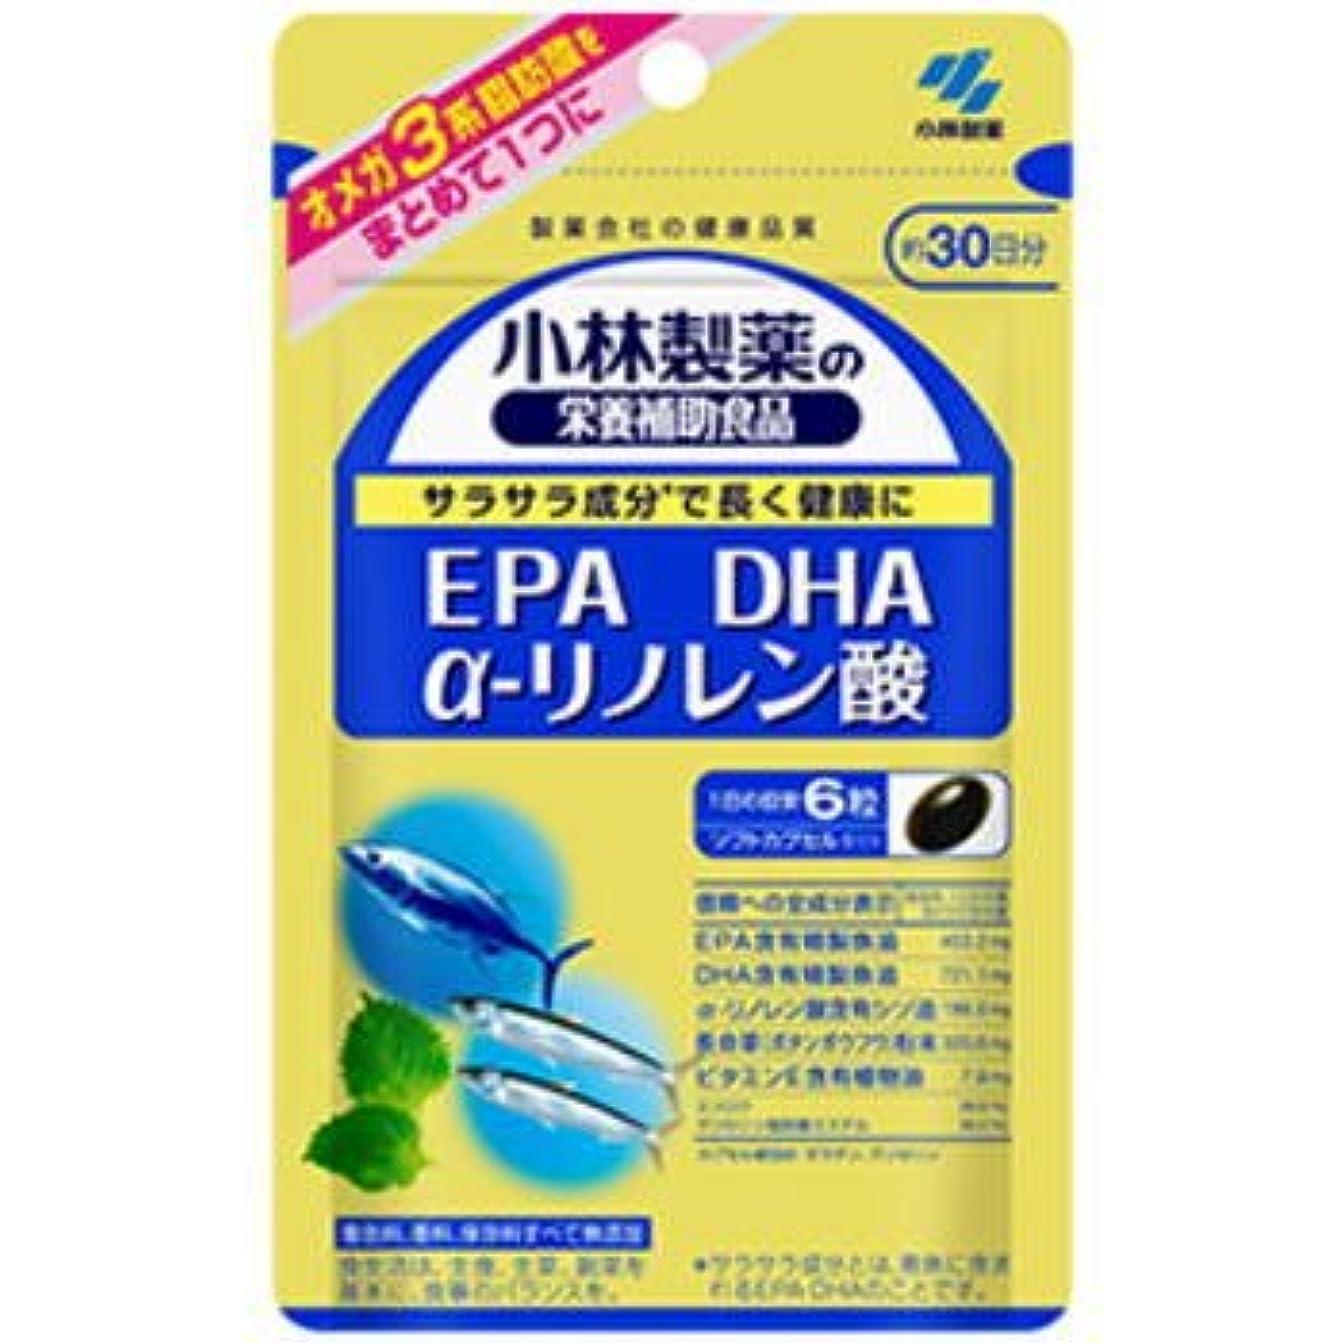 君主馬鹿げた極めて重要な小林製薬 EPA DHA α-リノレン酸 180粒×6個セット【ネコポス発送】